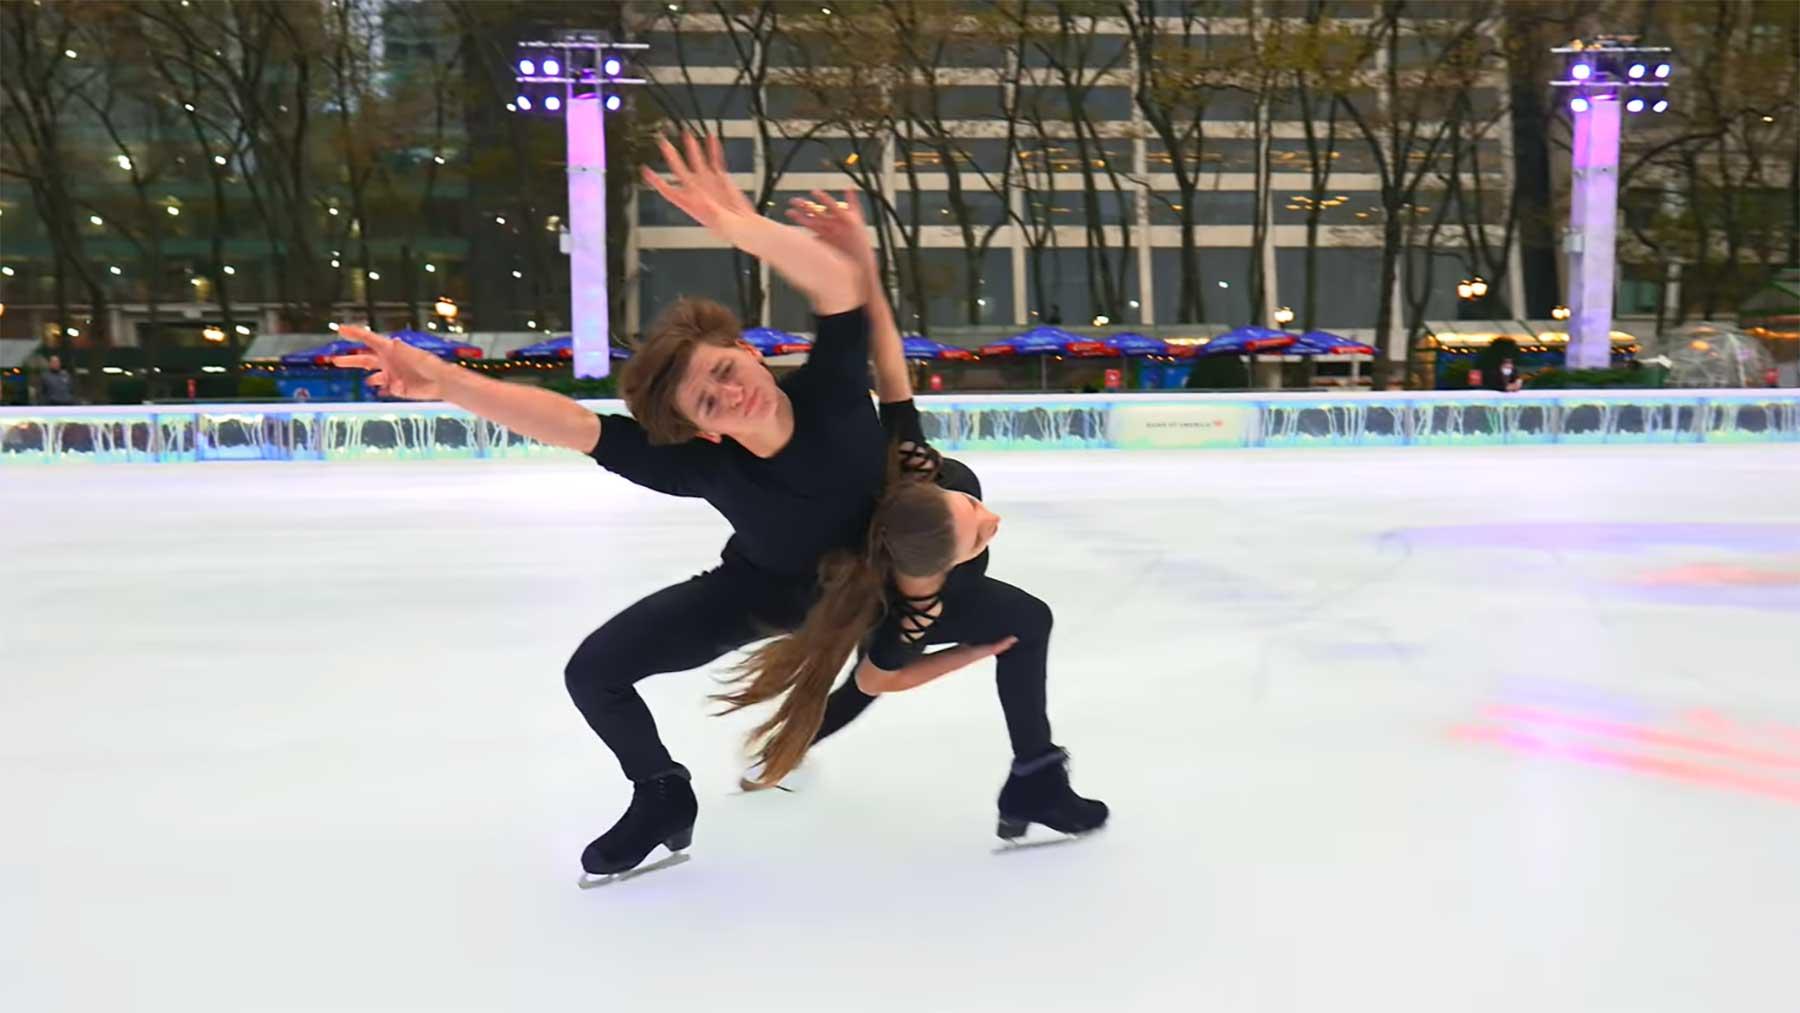 """Tolle Eiskunstlauf-Choreografie zu """"Nothing Else Matters"""" eiskunstlauf-zu-nothing-else-matters"""